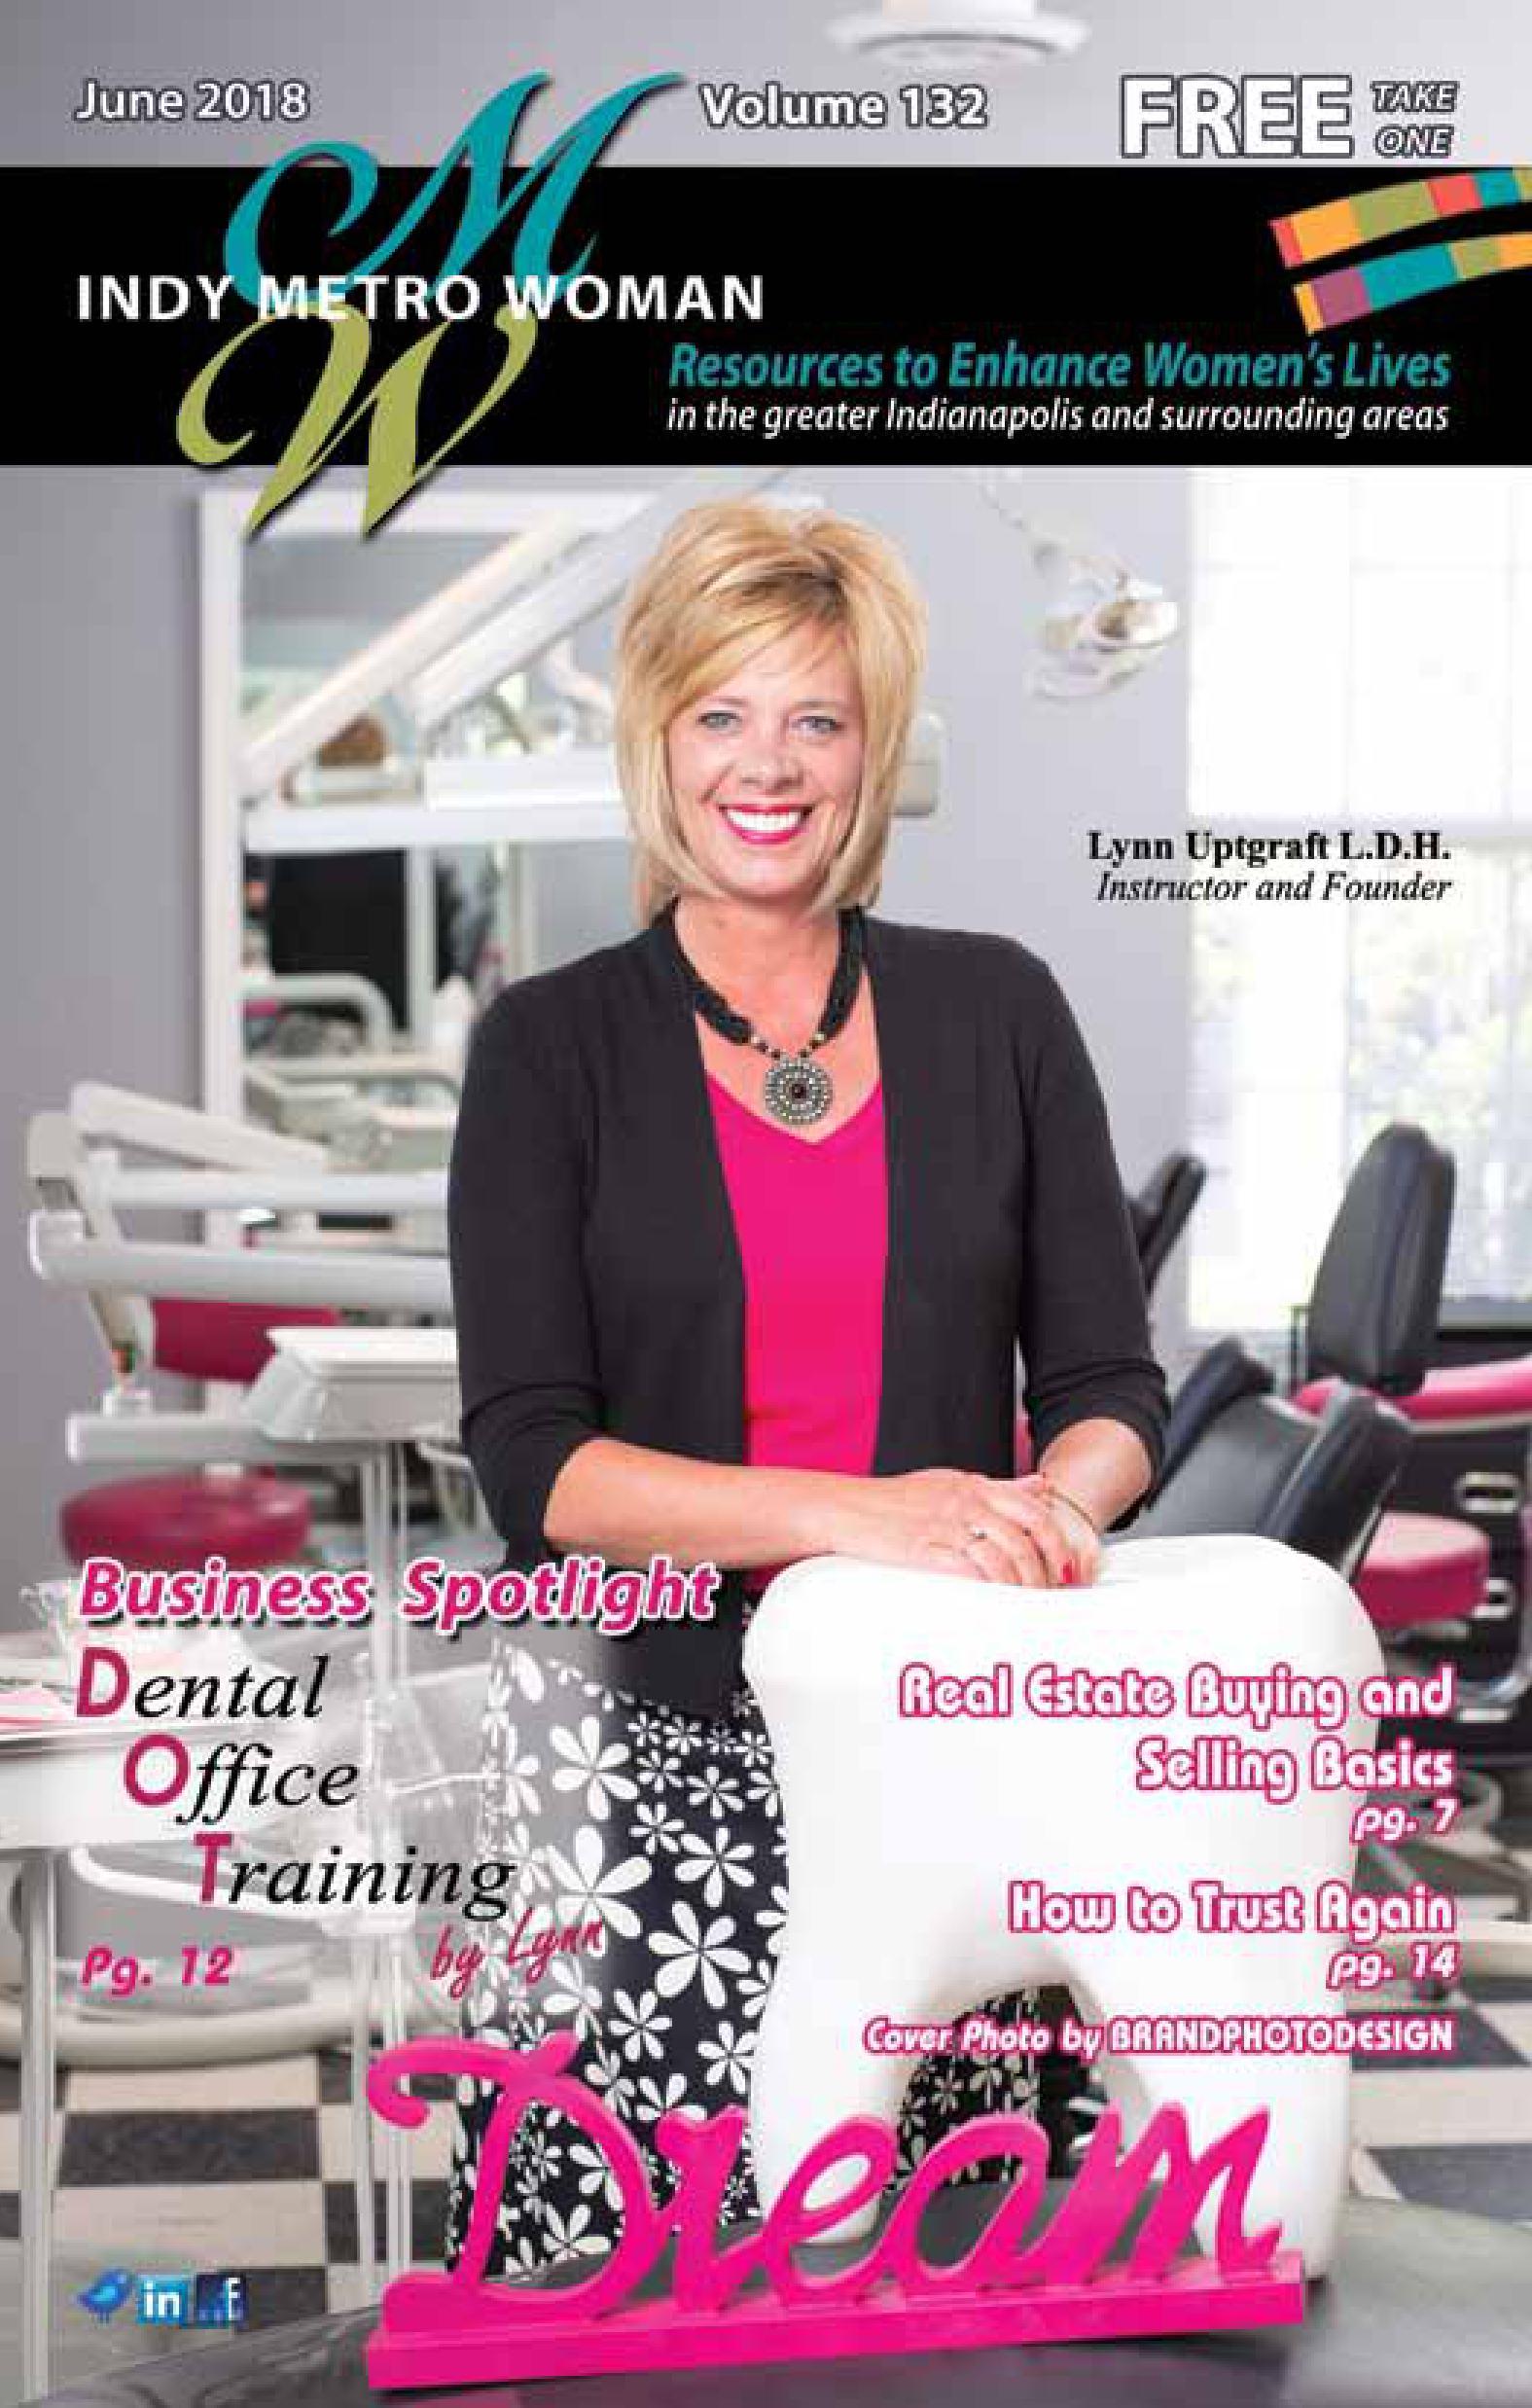 IMW June 18 Cover.jpg